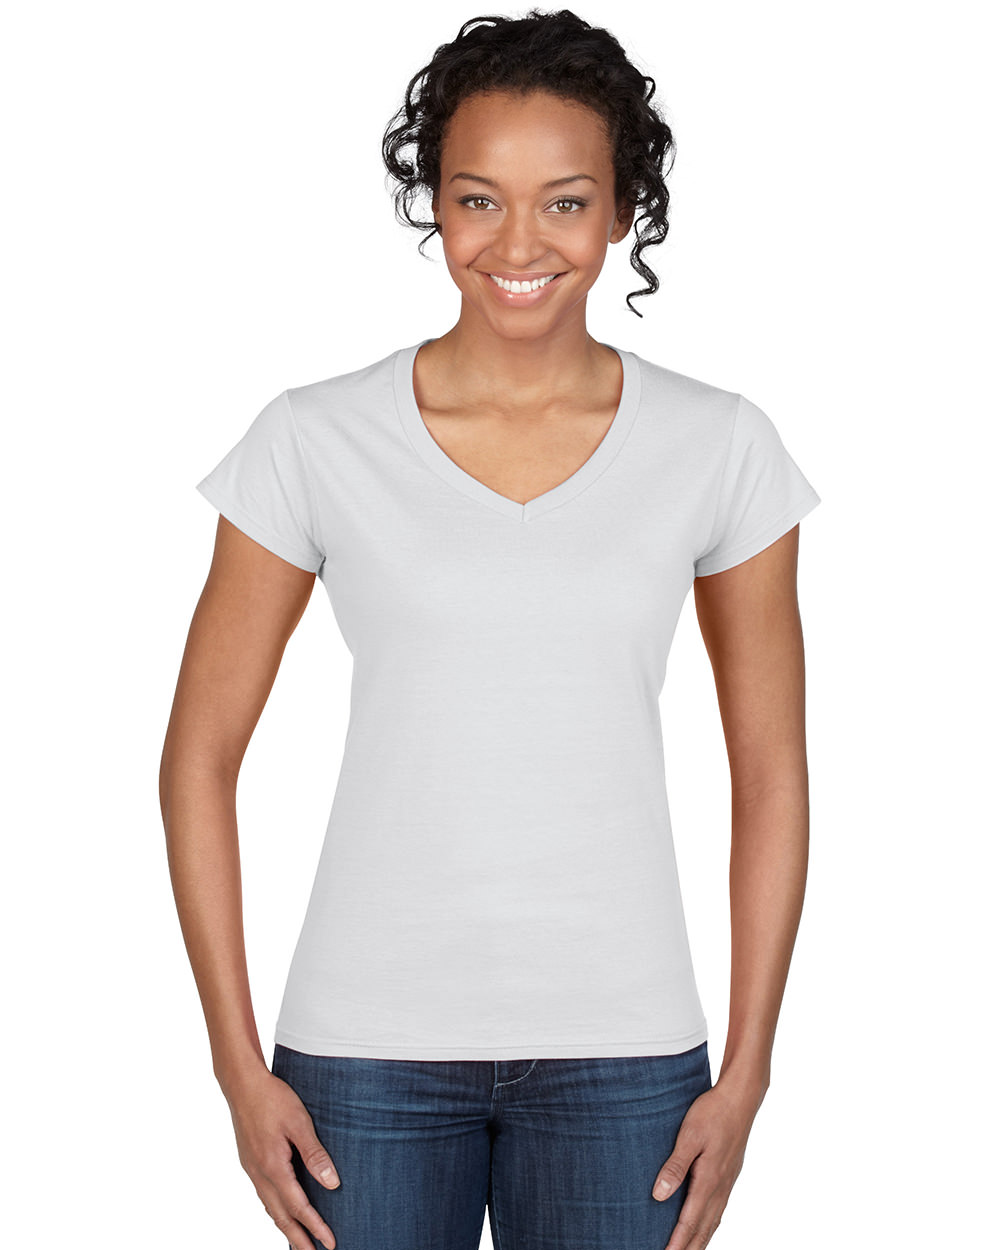 339fdc370fc7 Διαφημιστική γυναικεία μακό κοντομάνικη μπλούζα με V λαιμόκοψη ...